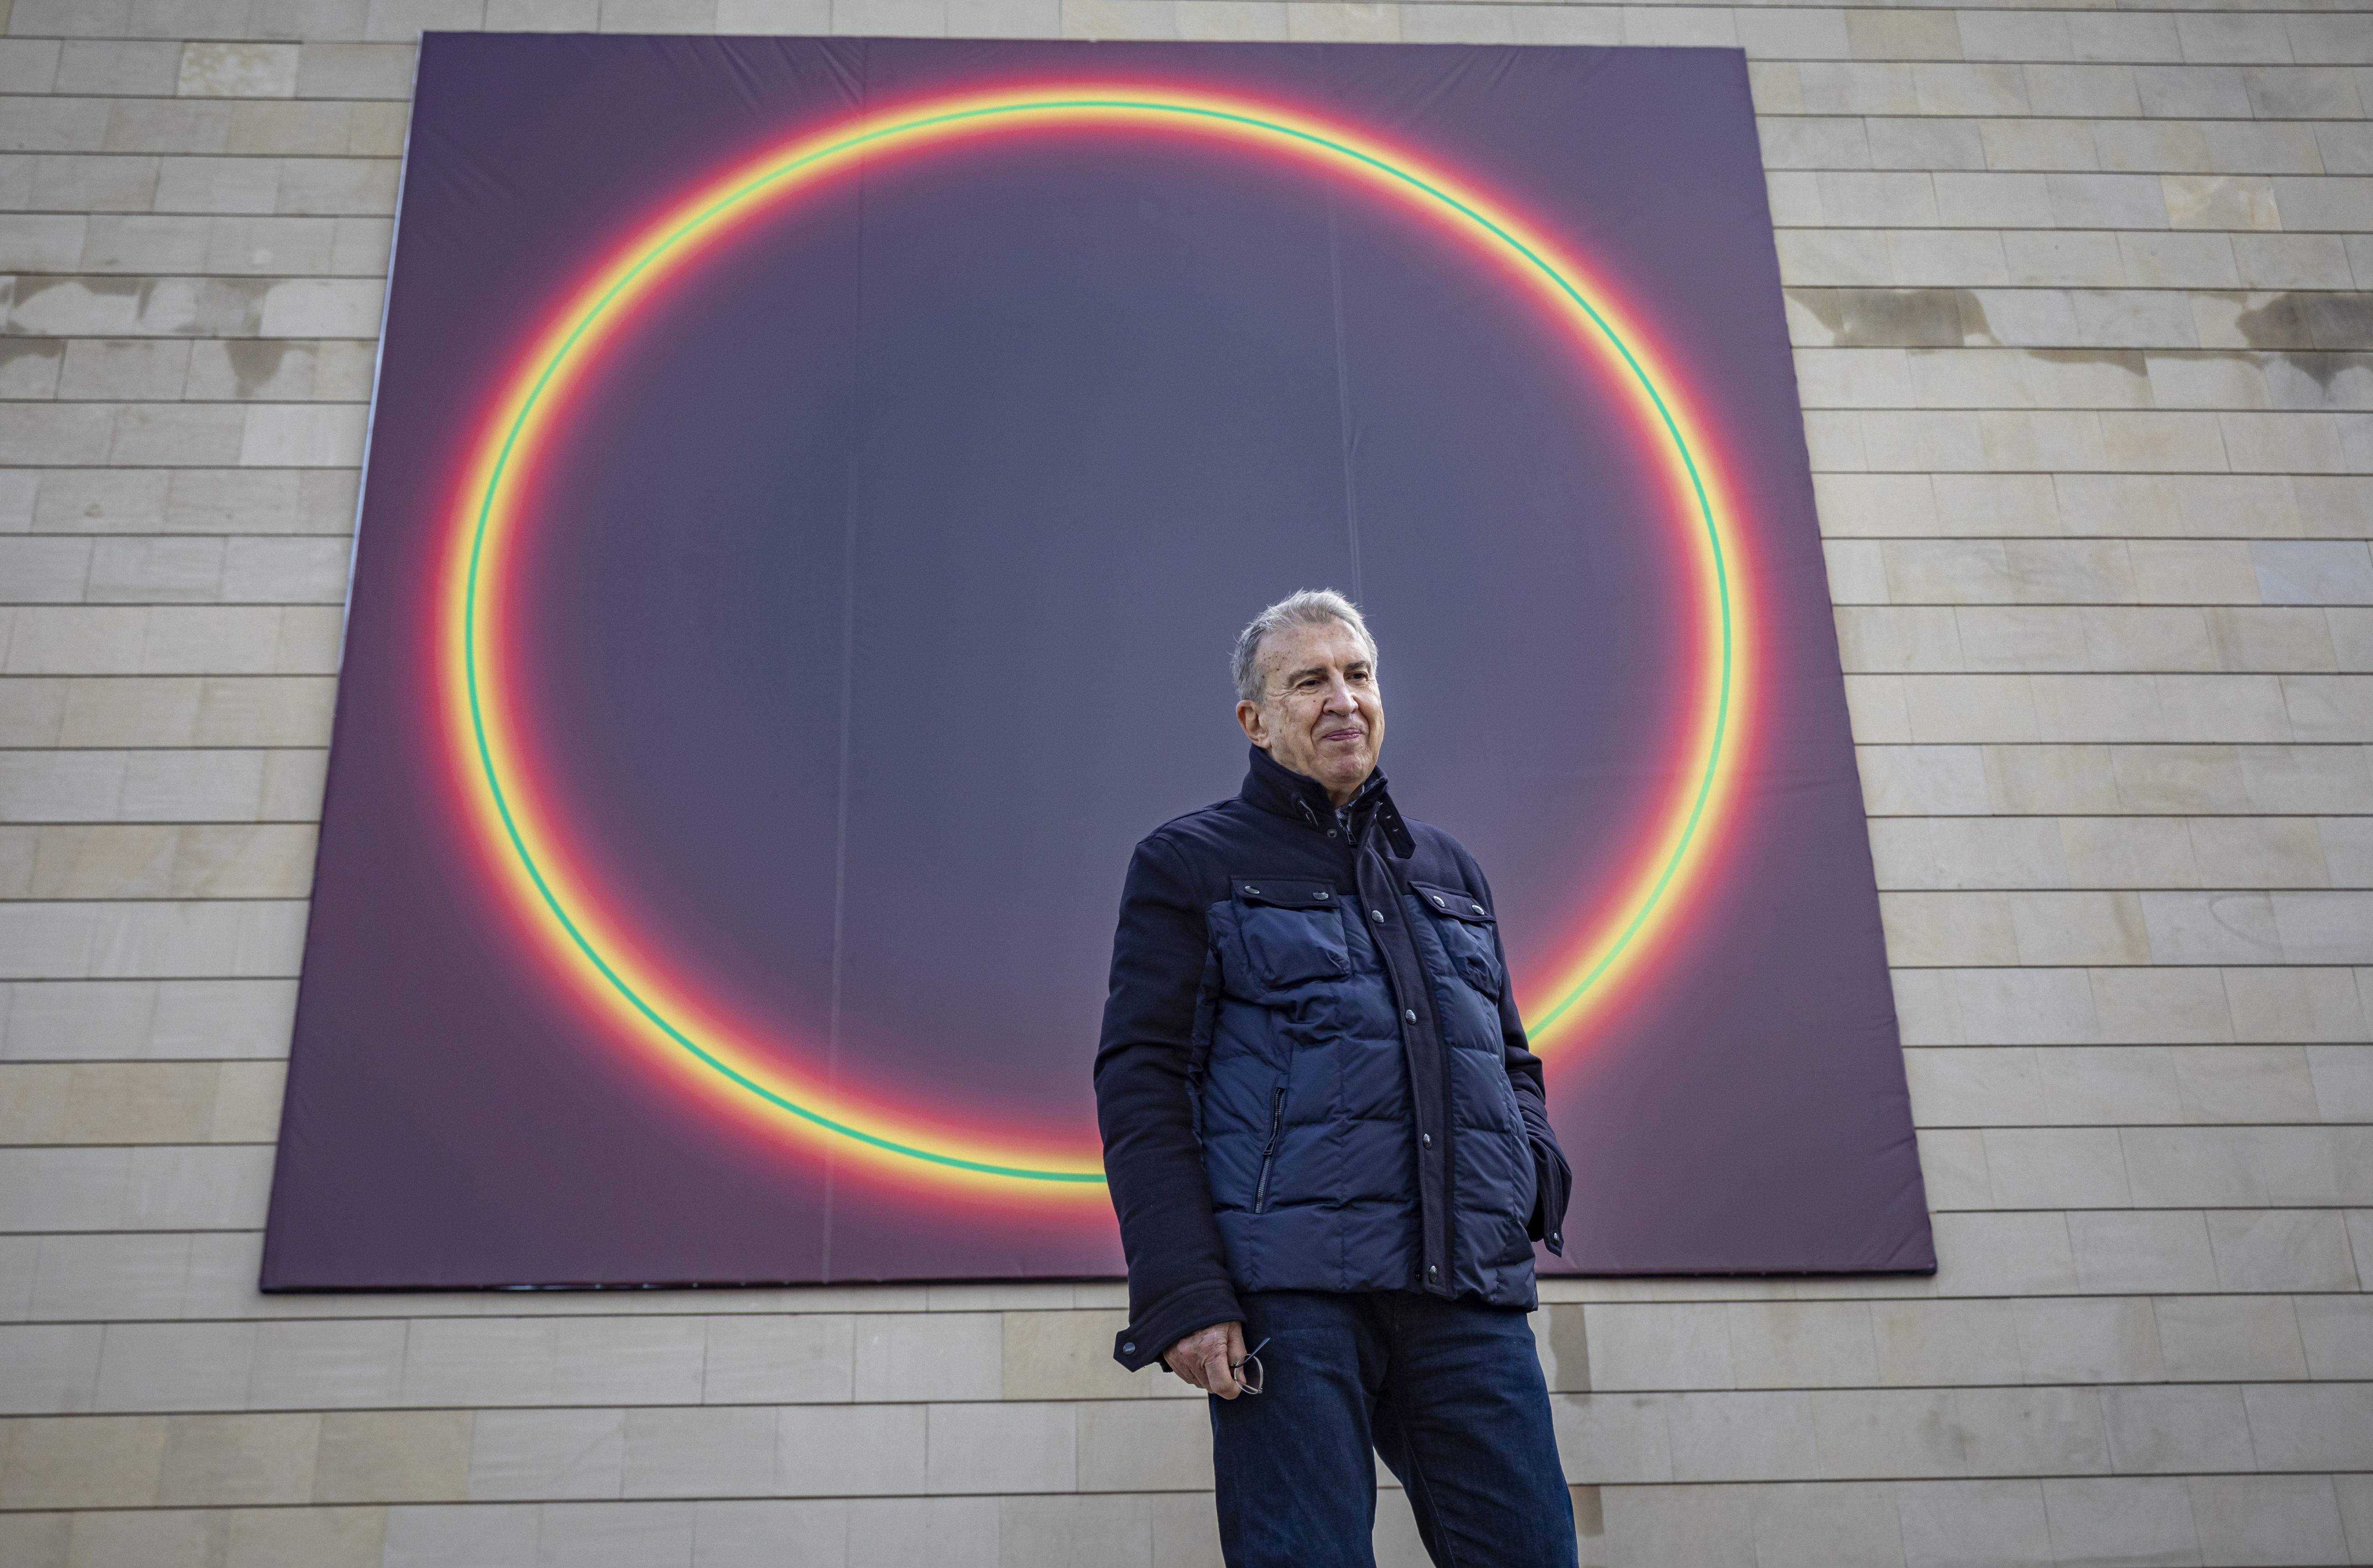 """José María Yturralde intervé la façana de l""""IVAM amb una obra que reflexiona sobre el cosmos i l""""infinit"""